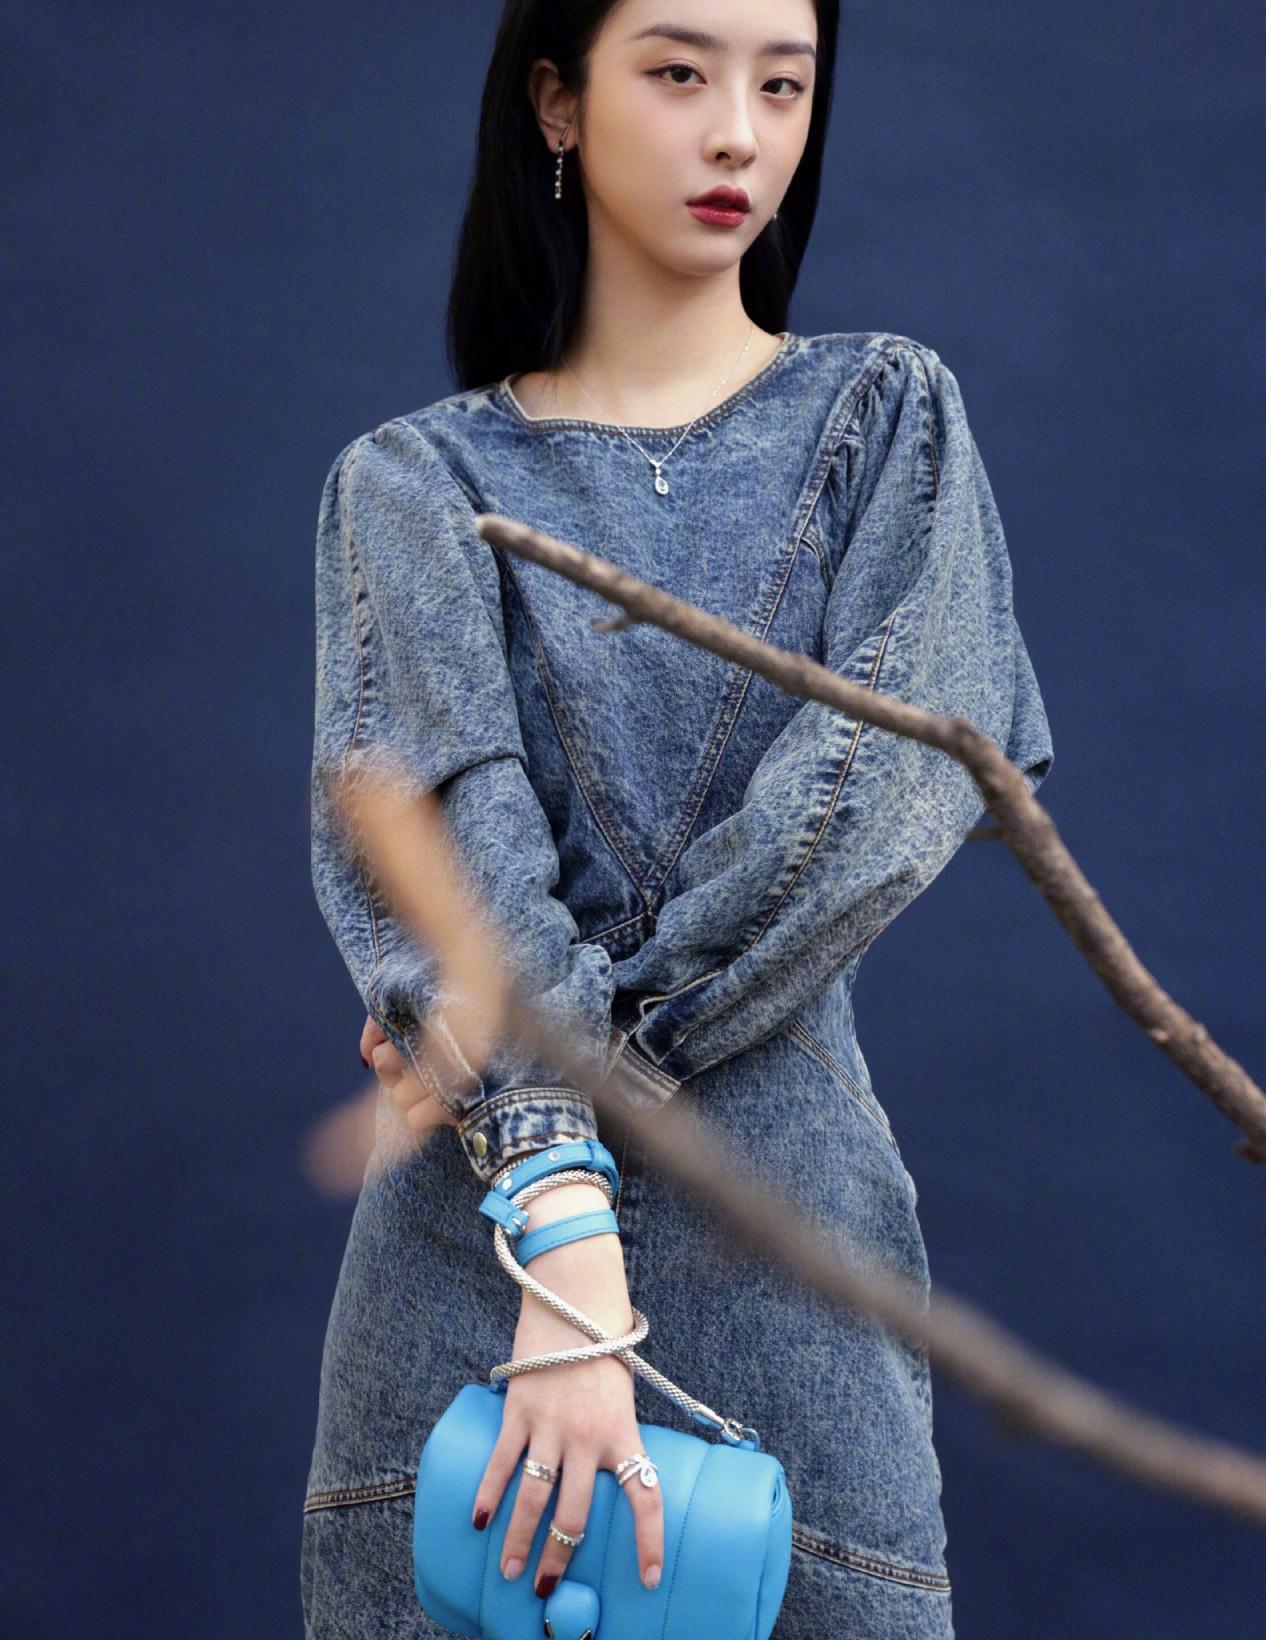 高冷女神赵小棠最新造型,身穿牛仔连衣裙,厌世脸高级又大气